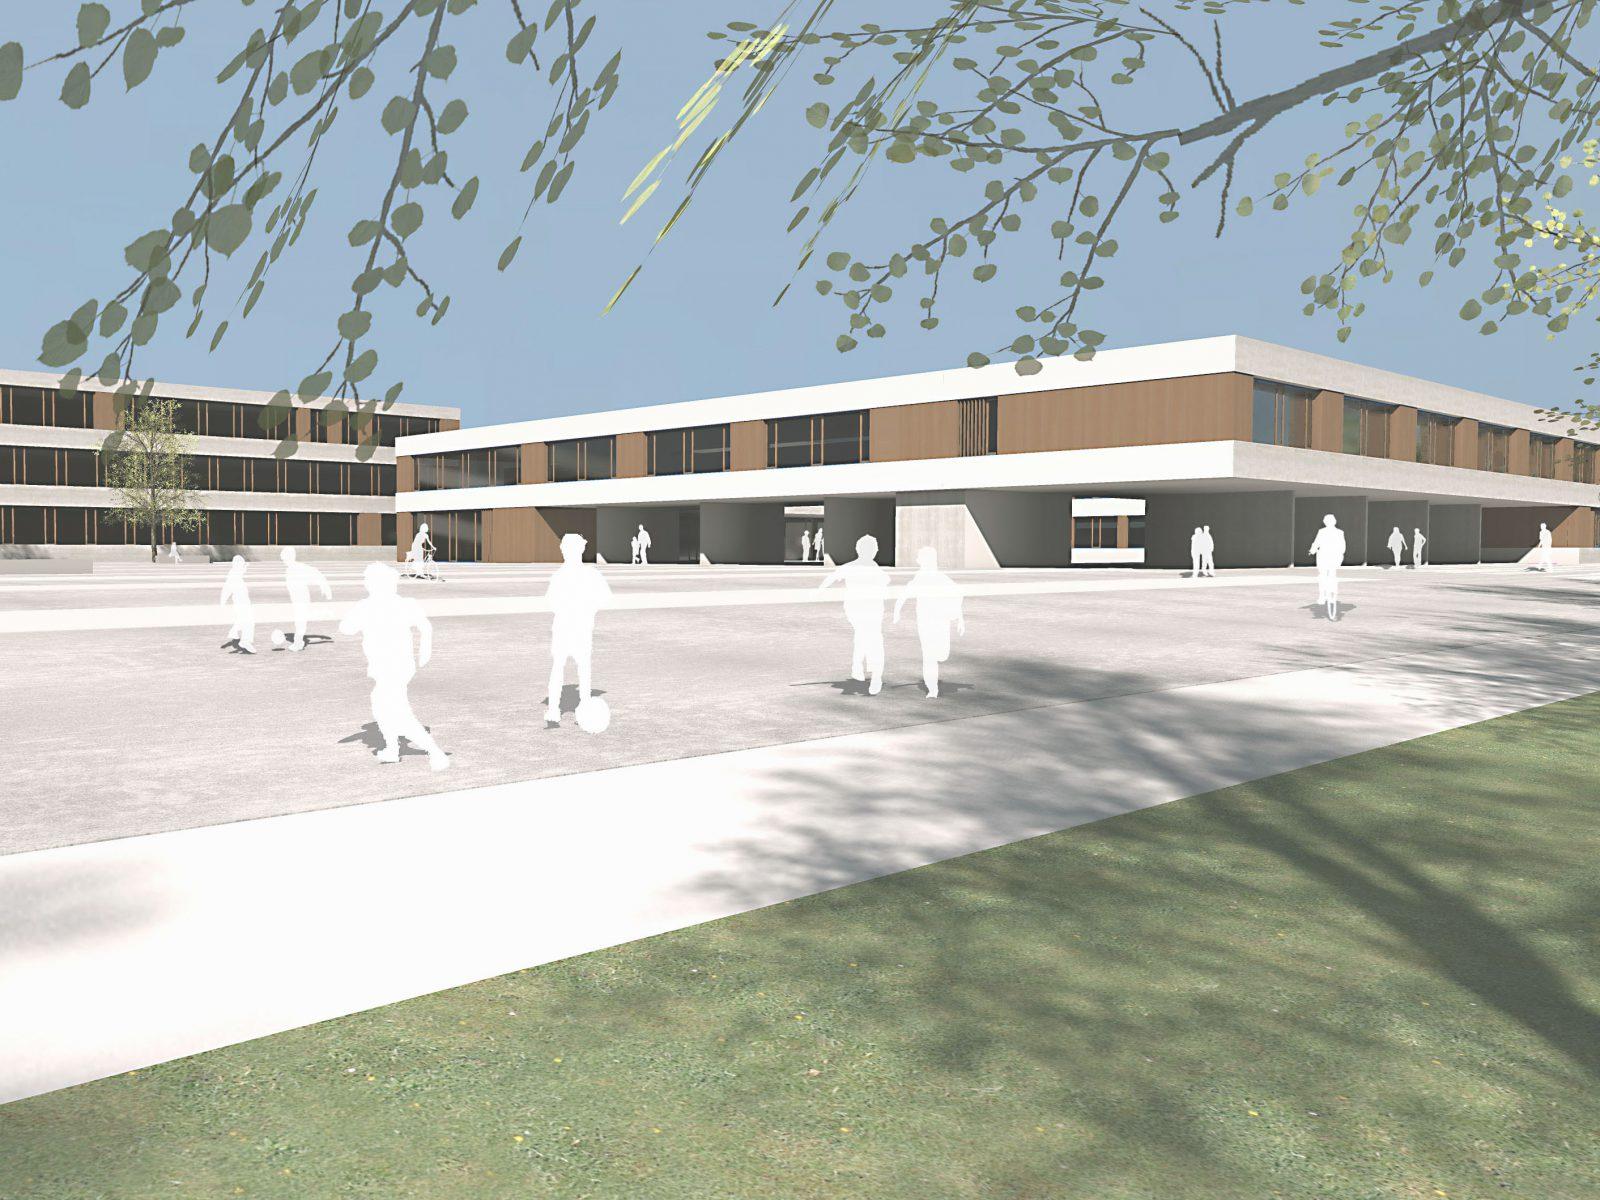 Perspektive-Wettbewerb-Fritz-Beck-Mittelschule_Landsberg-am-Lech-Anerkennung-2013-© Friedrich-Poerschke-Zwink-Architekten